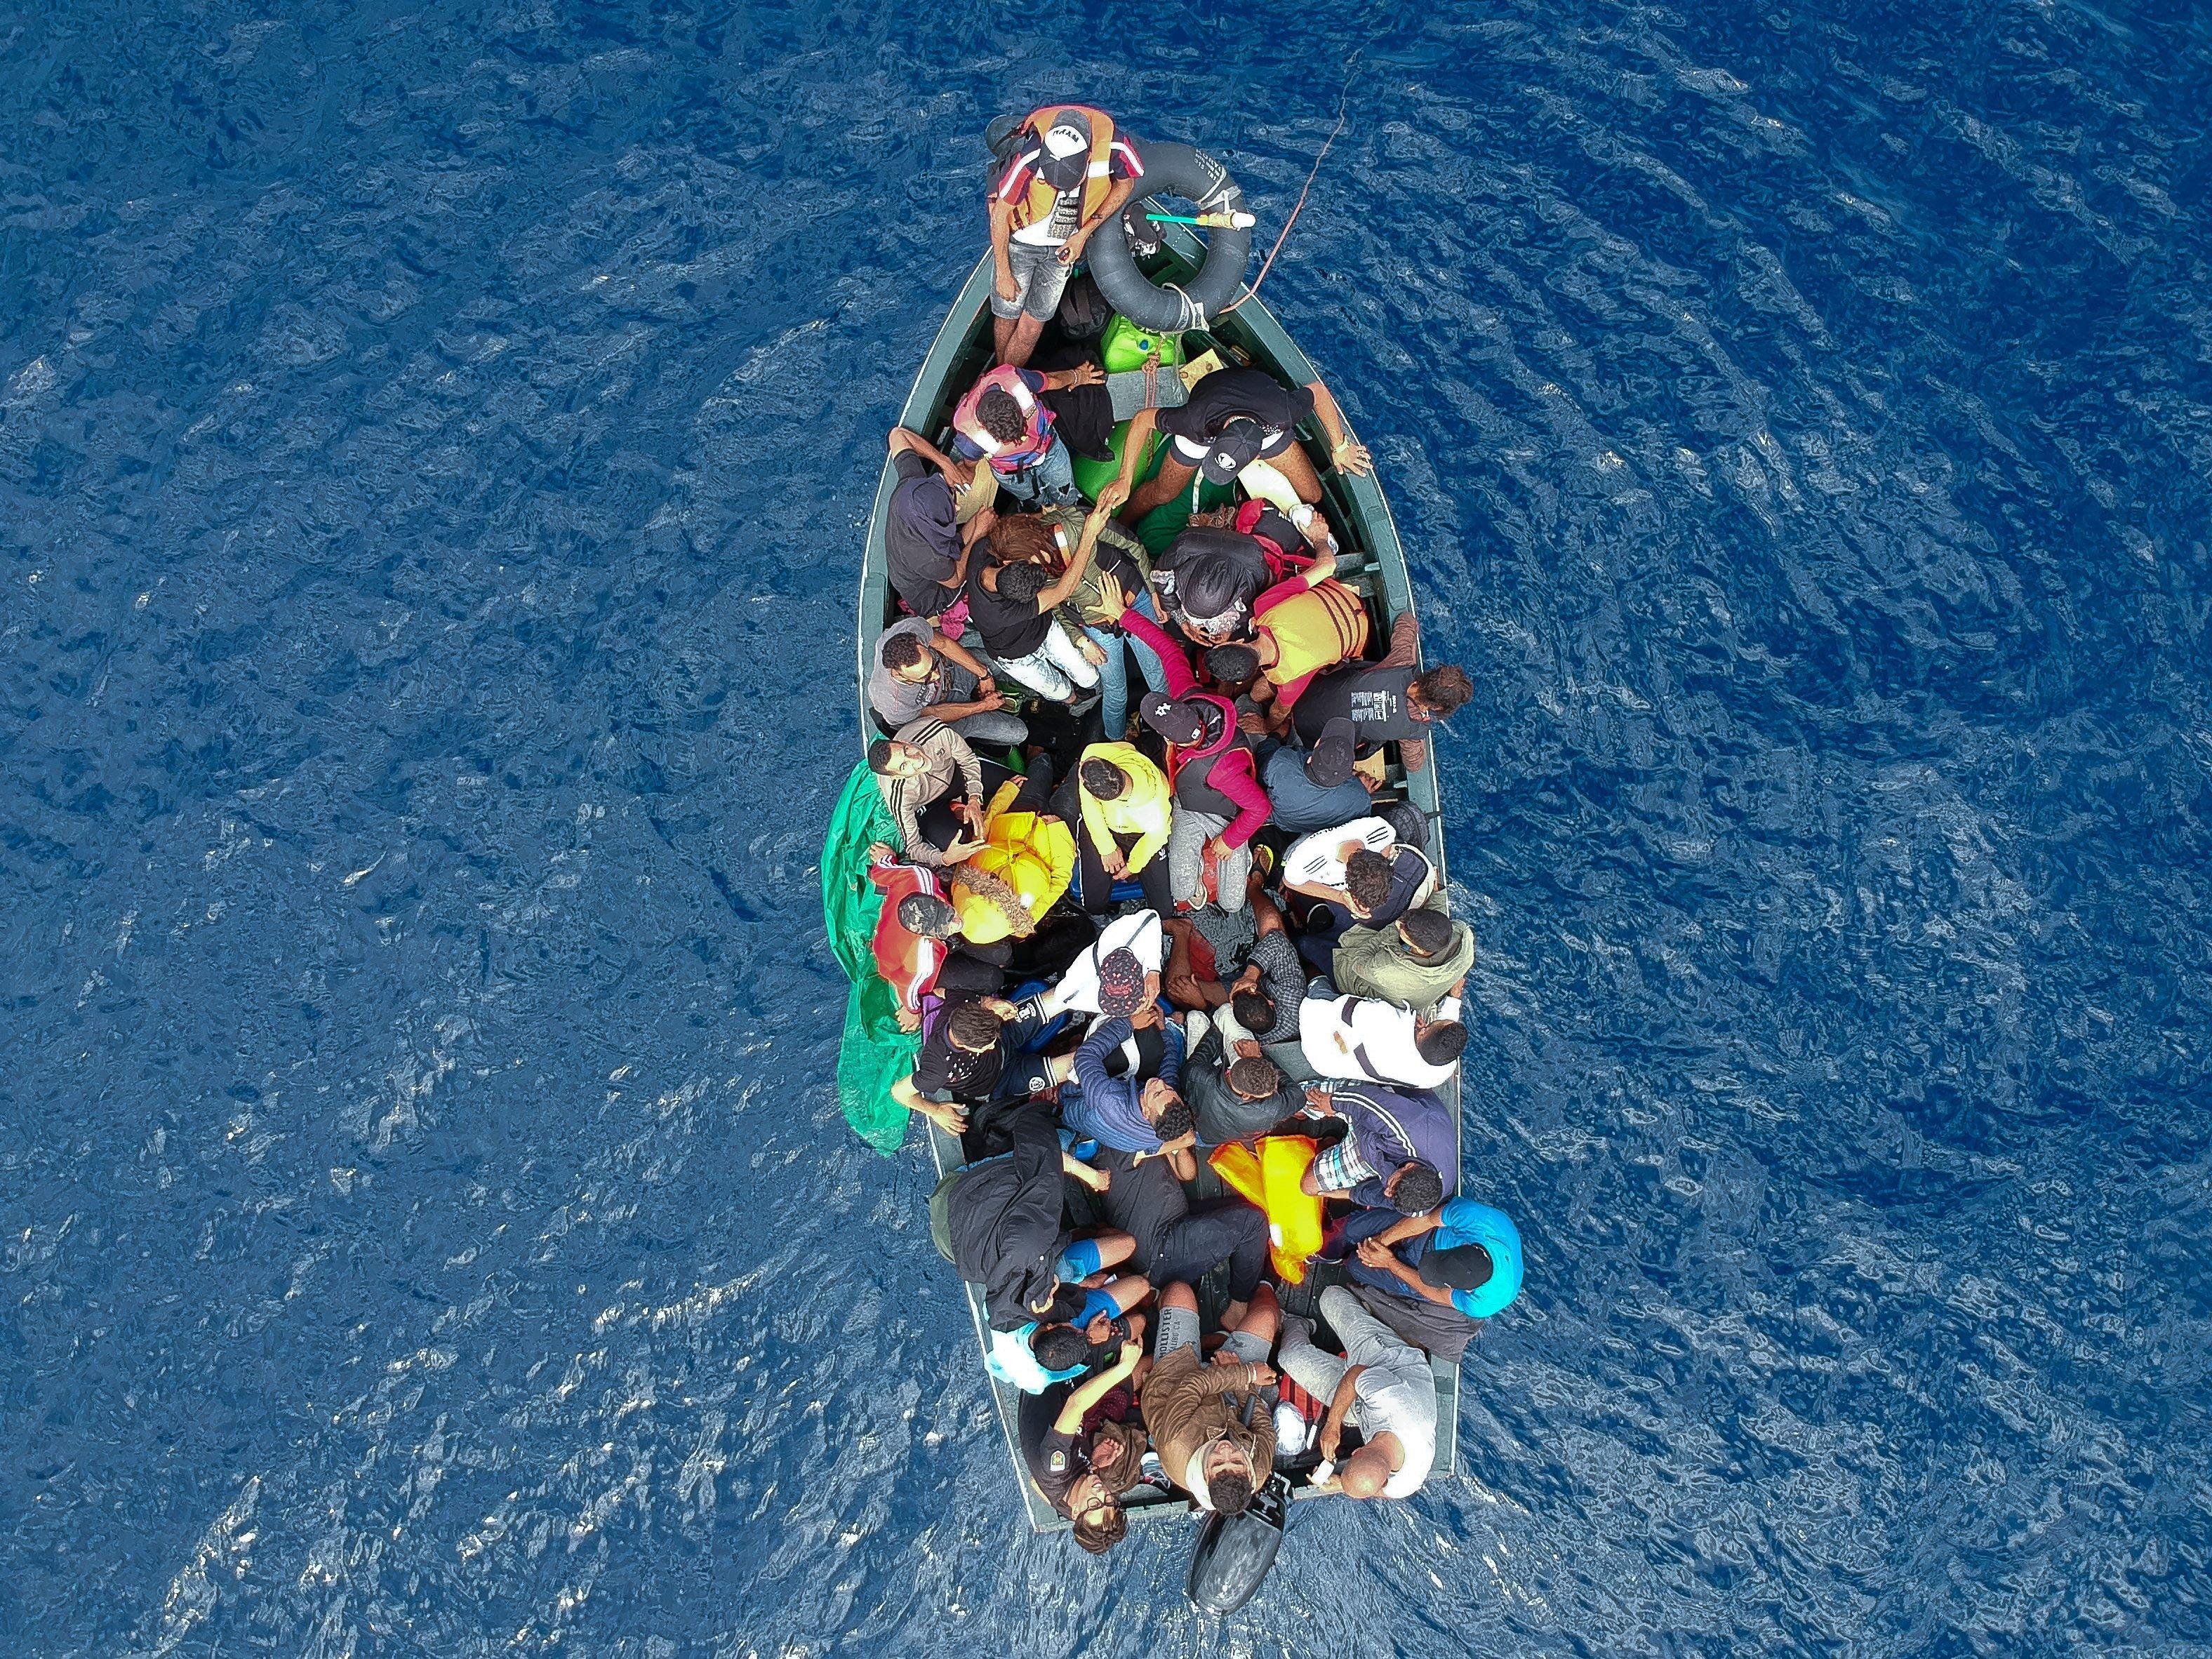 Espagne: Arrestation de l'organisateur d'un voyage en patera dans lequel ont péri 11